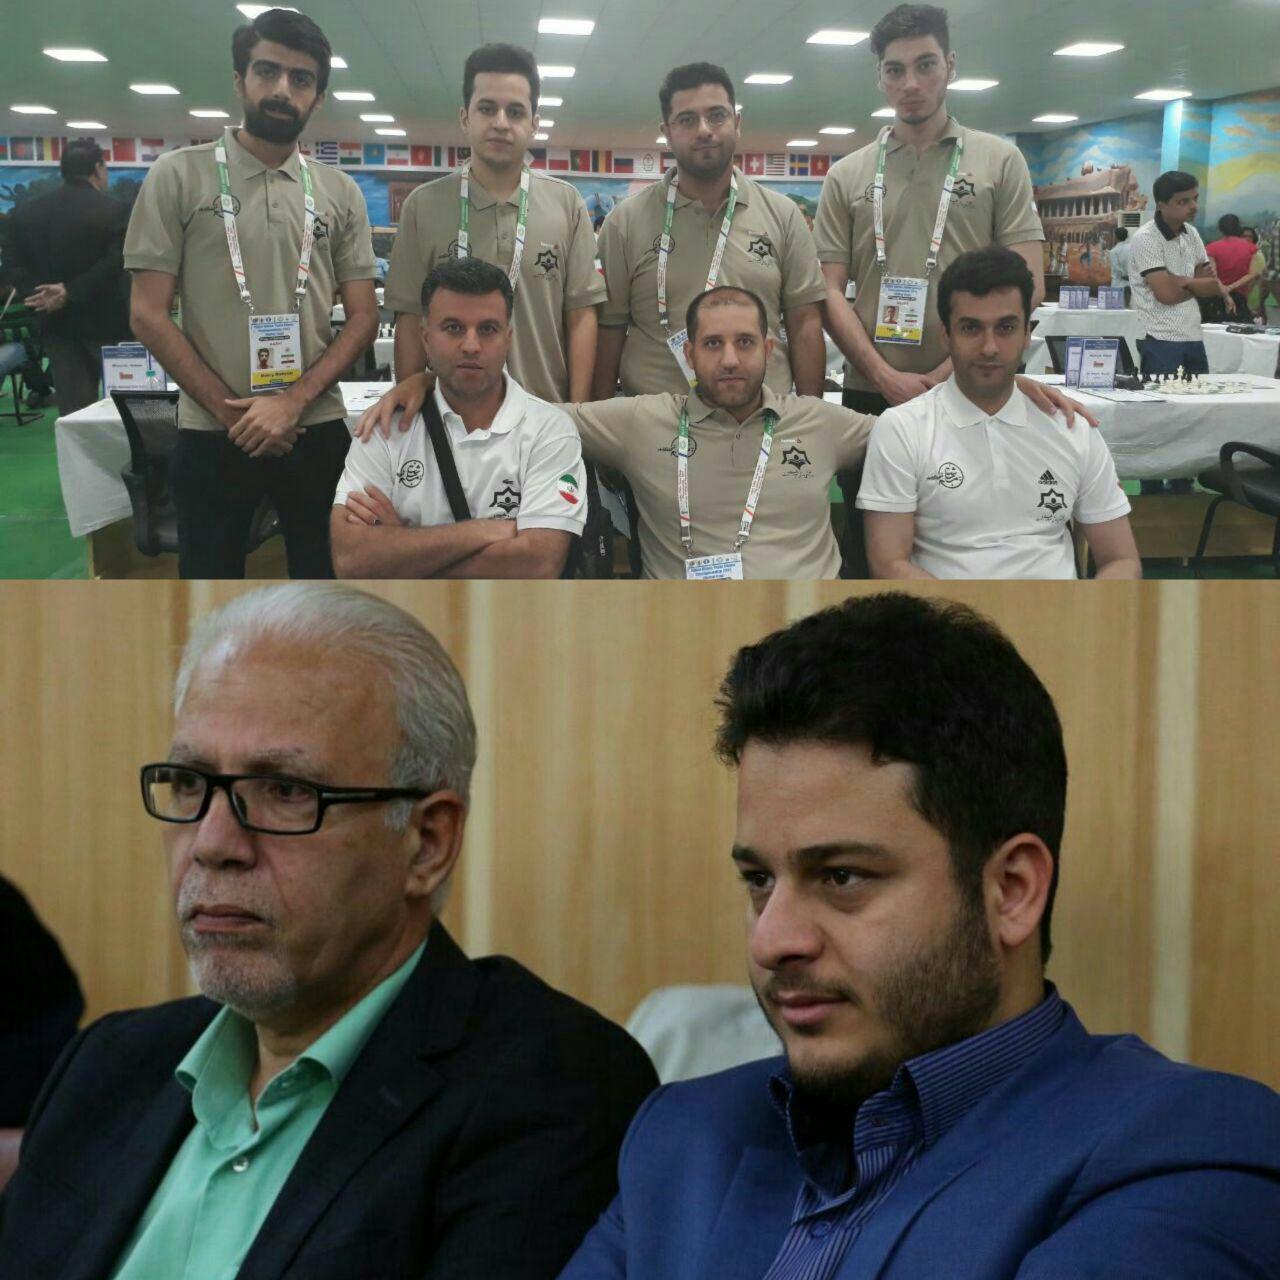 پیام تبریک عاقل منش در پی قهرمانی تیم شطرنج شهرداری رشت